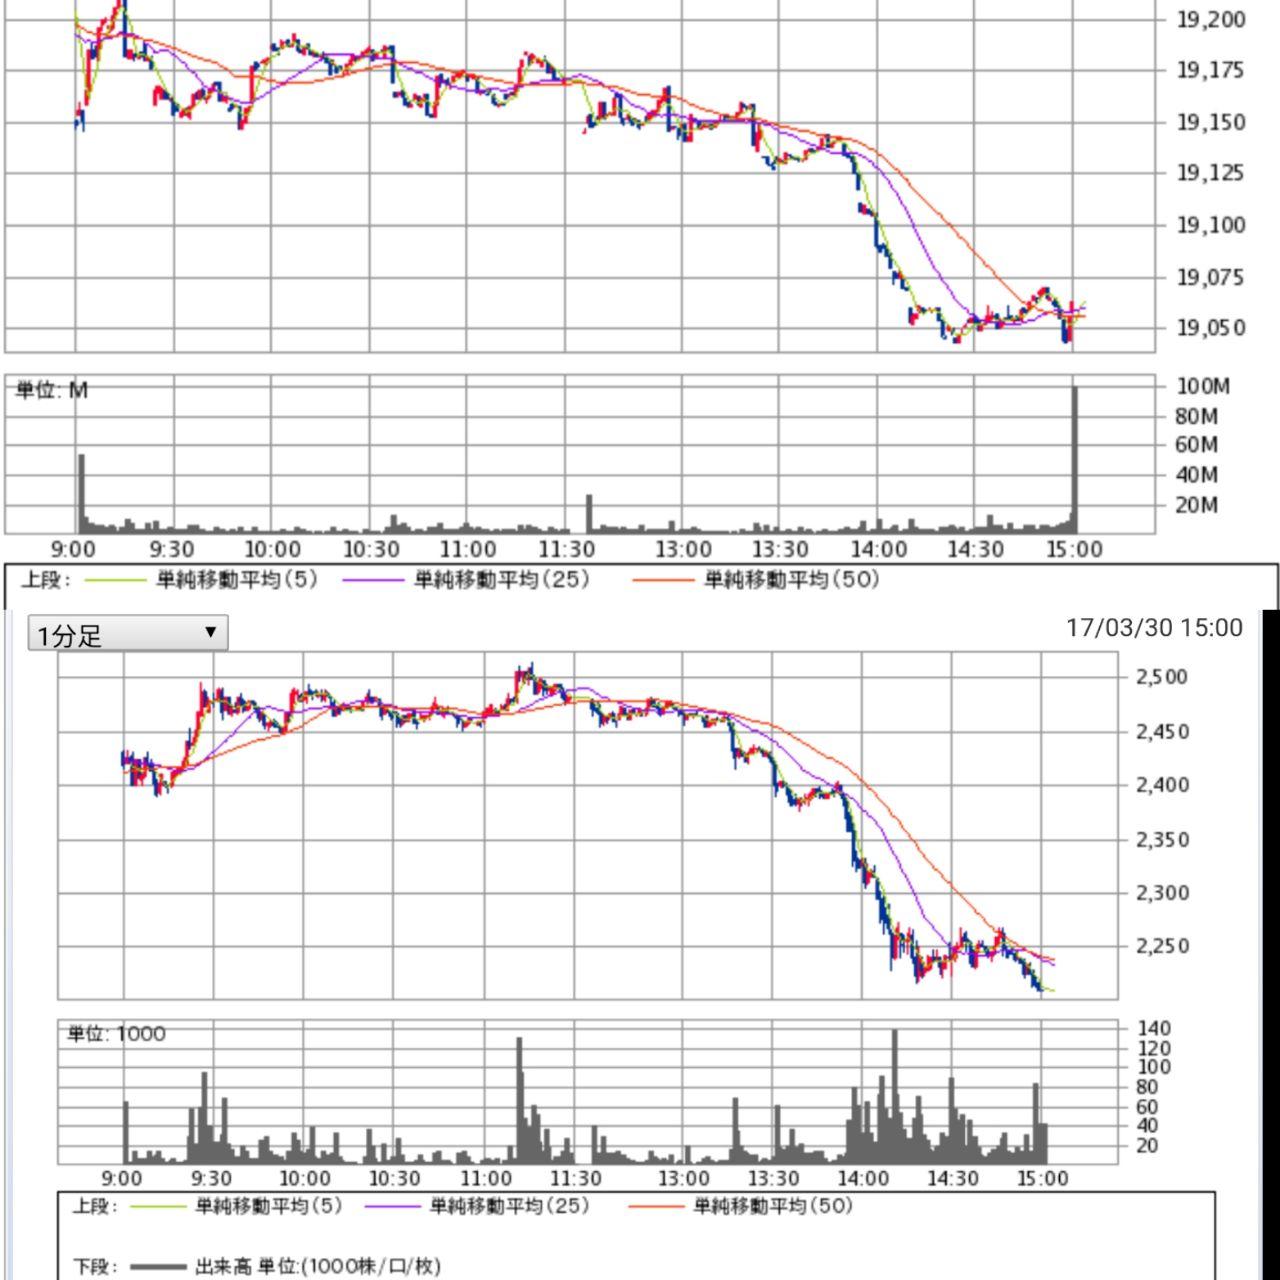 2438 - (株)アスカネット 昨日は値嵩株全般が週末の金曜日前という事もあり利益確定売りが出てましたね。同じようなチャートの銘柄が